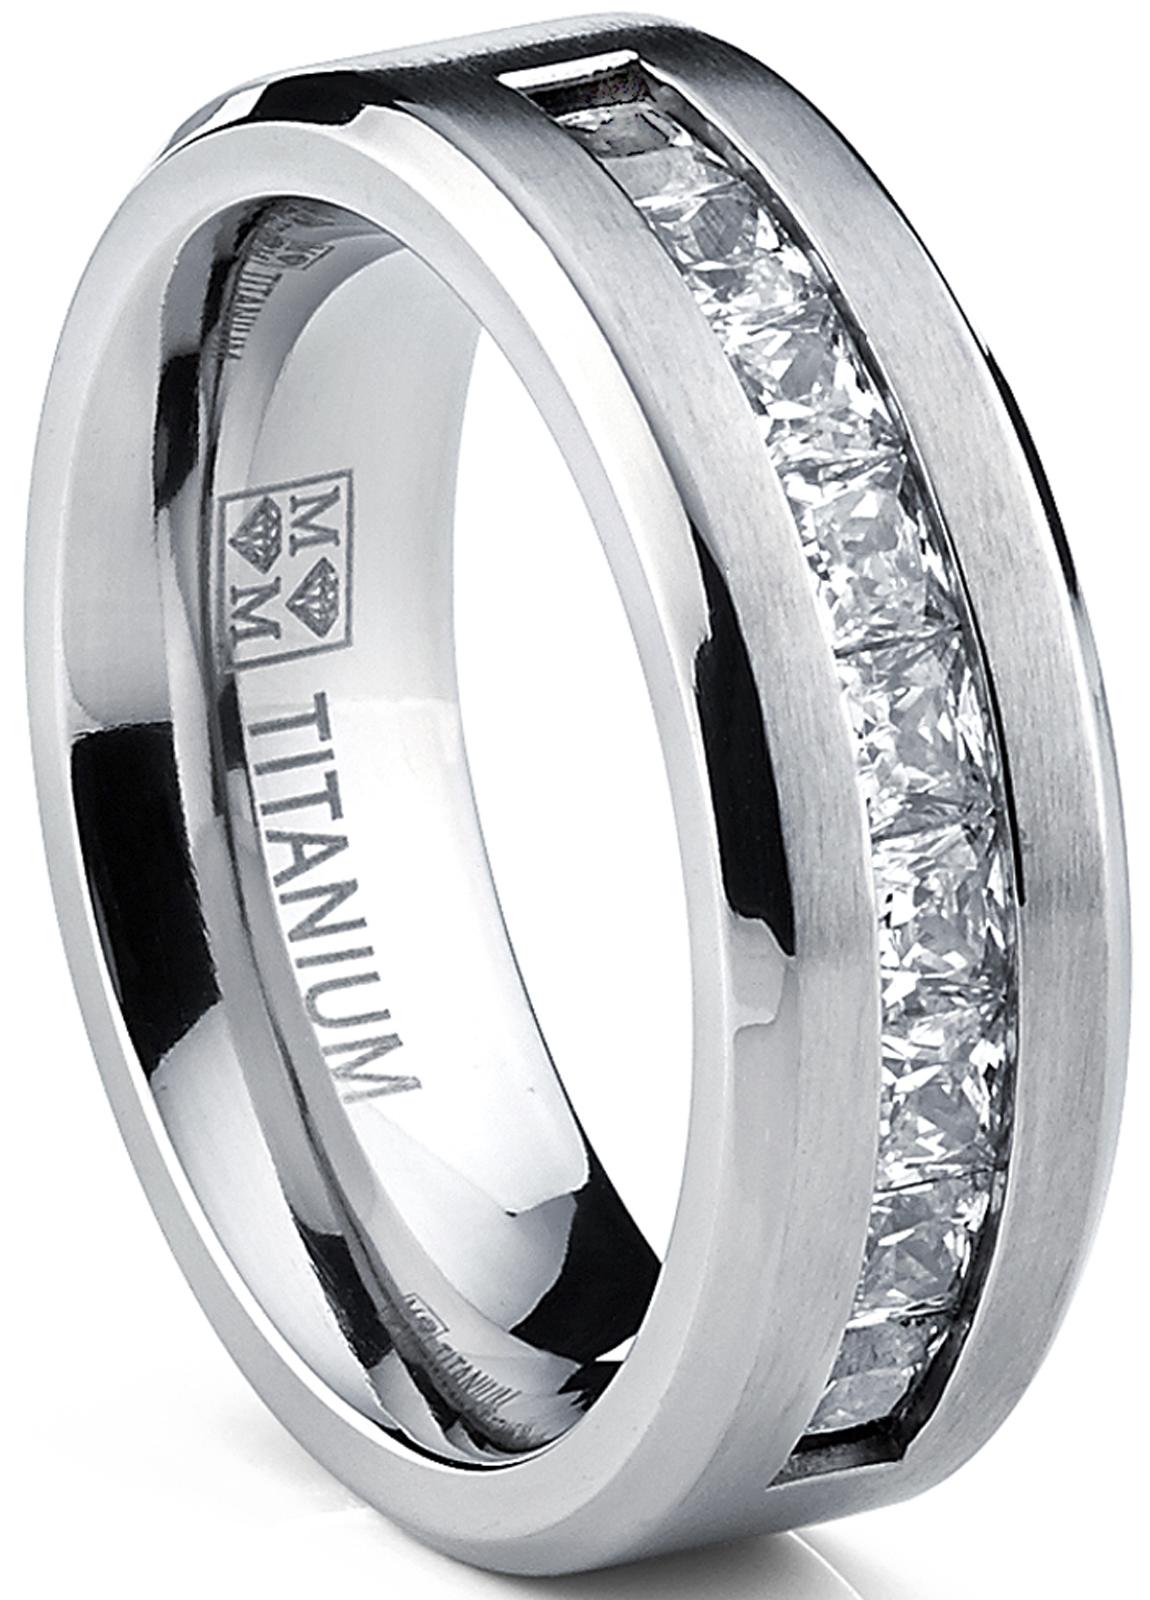 Mens wedding band,black zirconium wedding ring,black wedding band,mens birthday gift,mens wedding ring,mens promise ring,black wedding ring